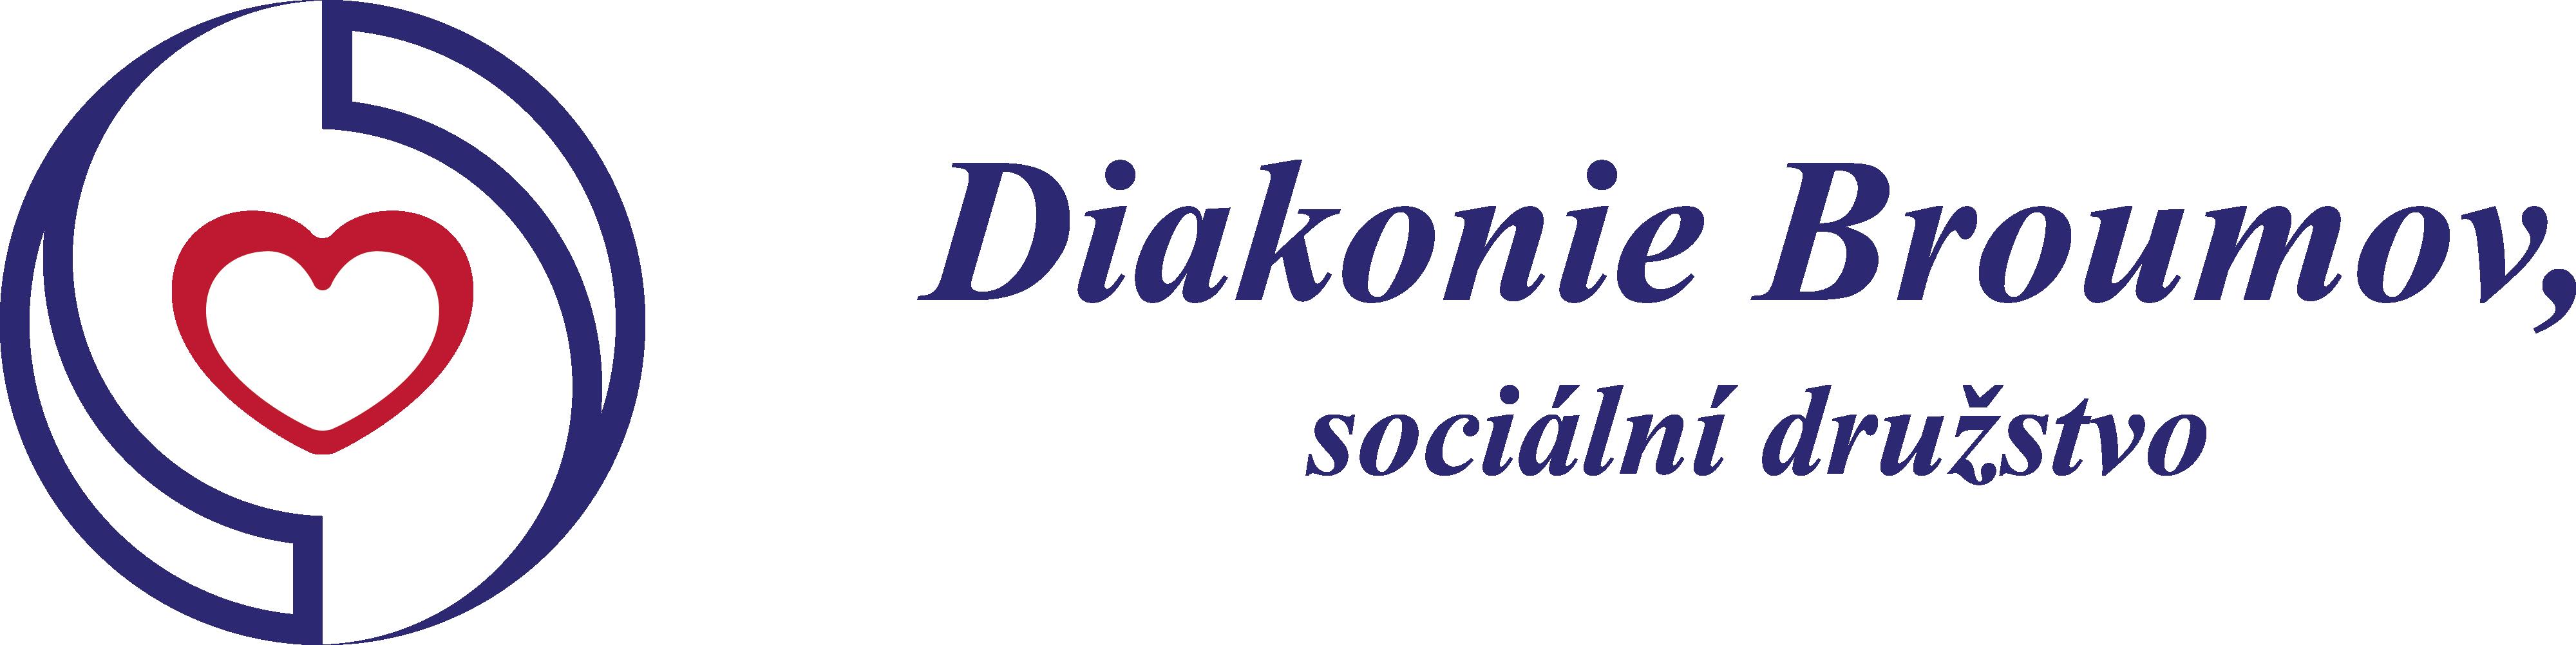 Diakonie Broumov | sociální družstvo